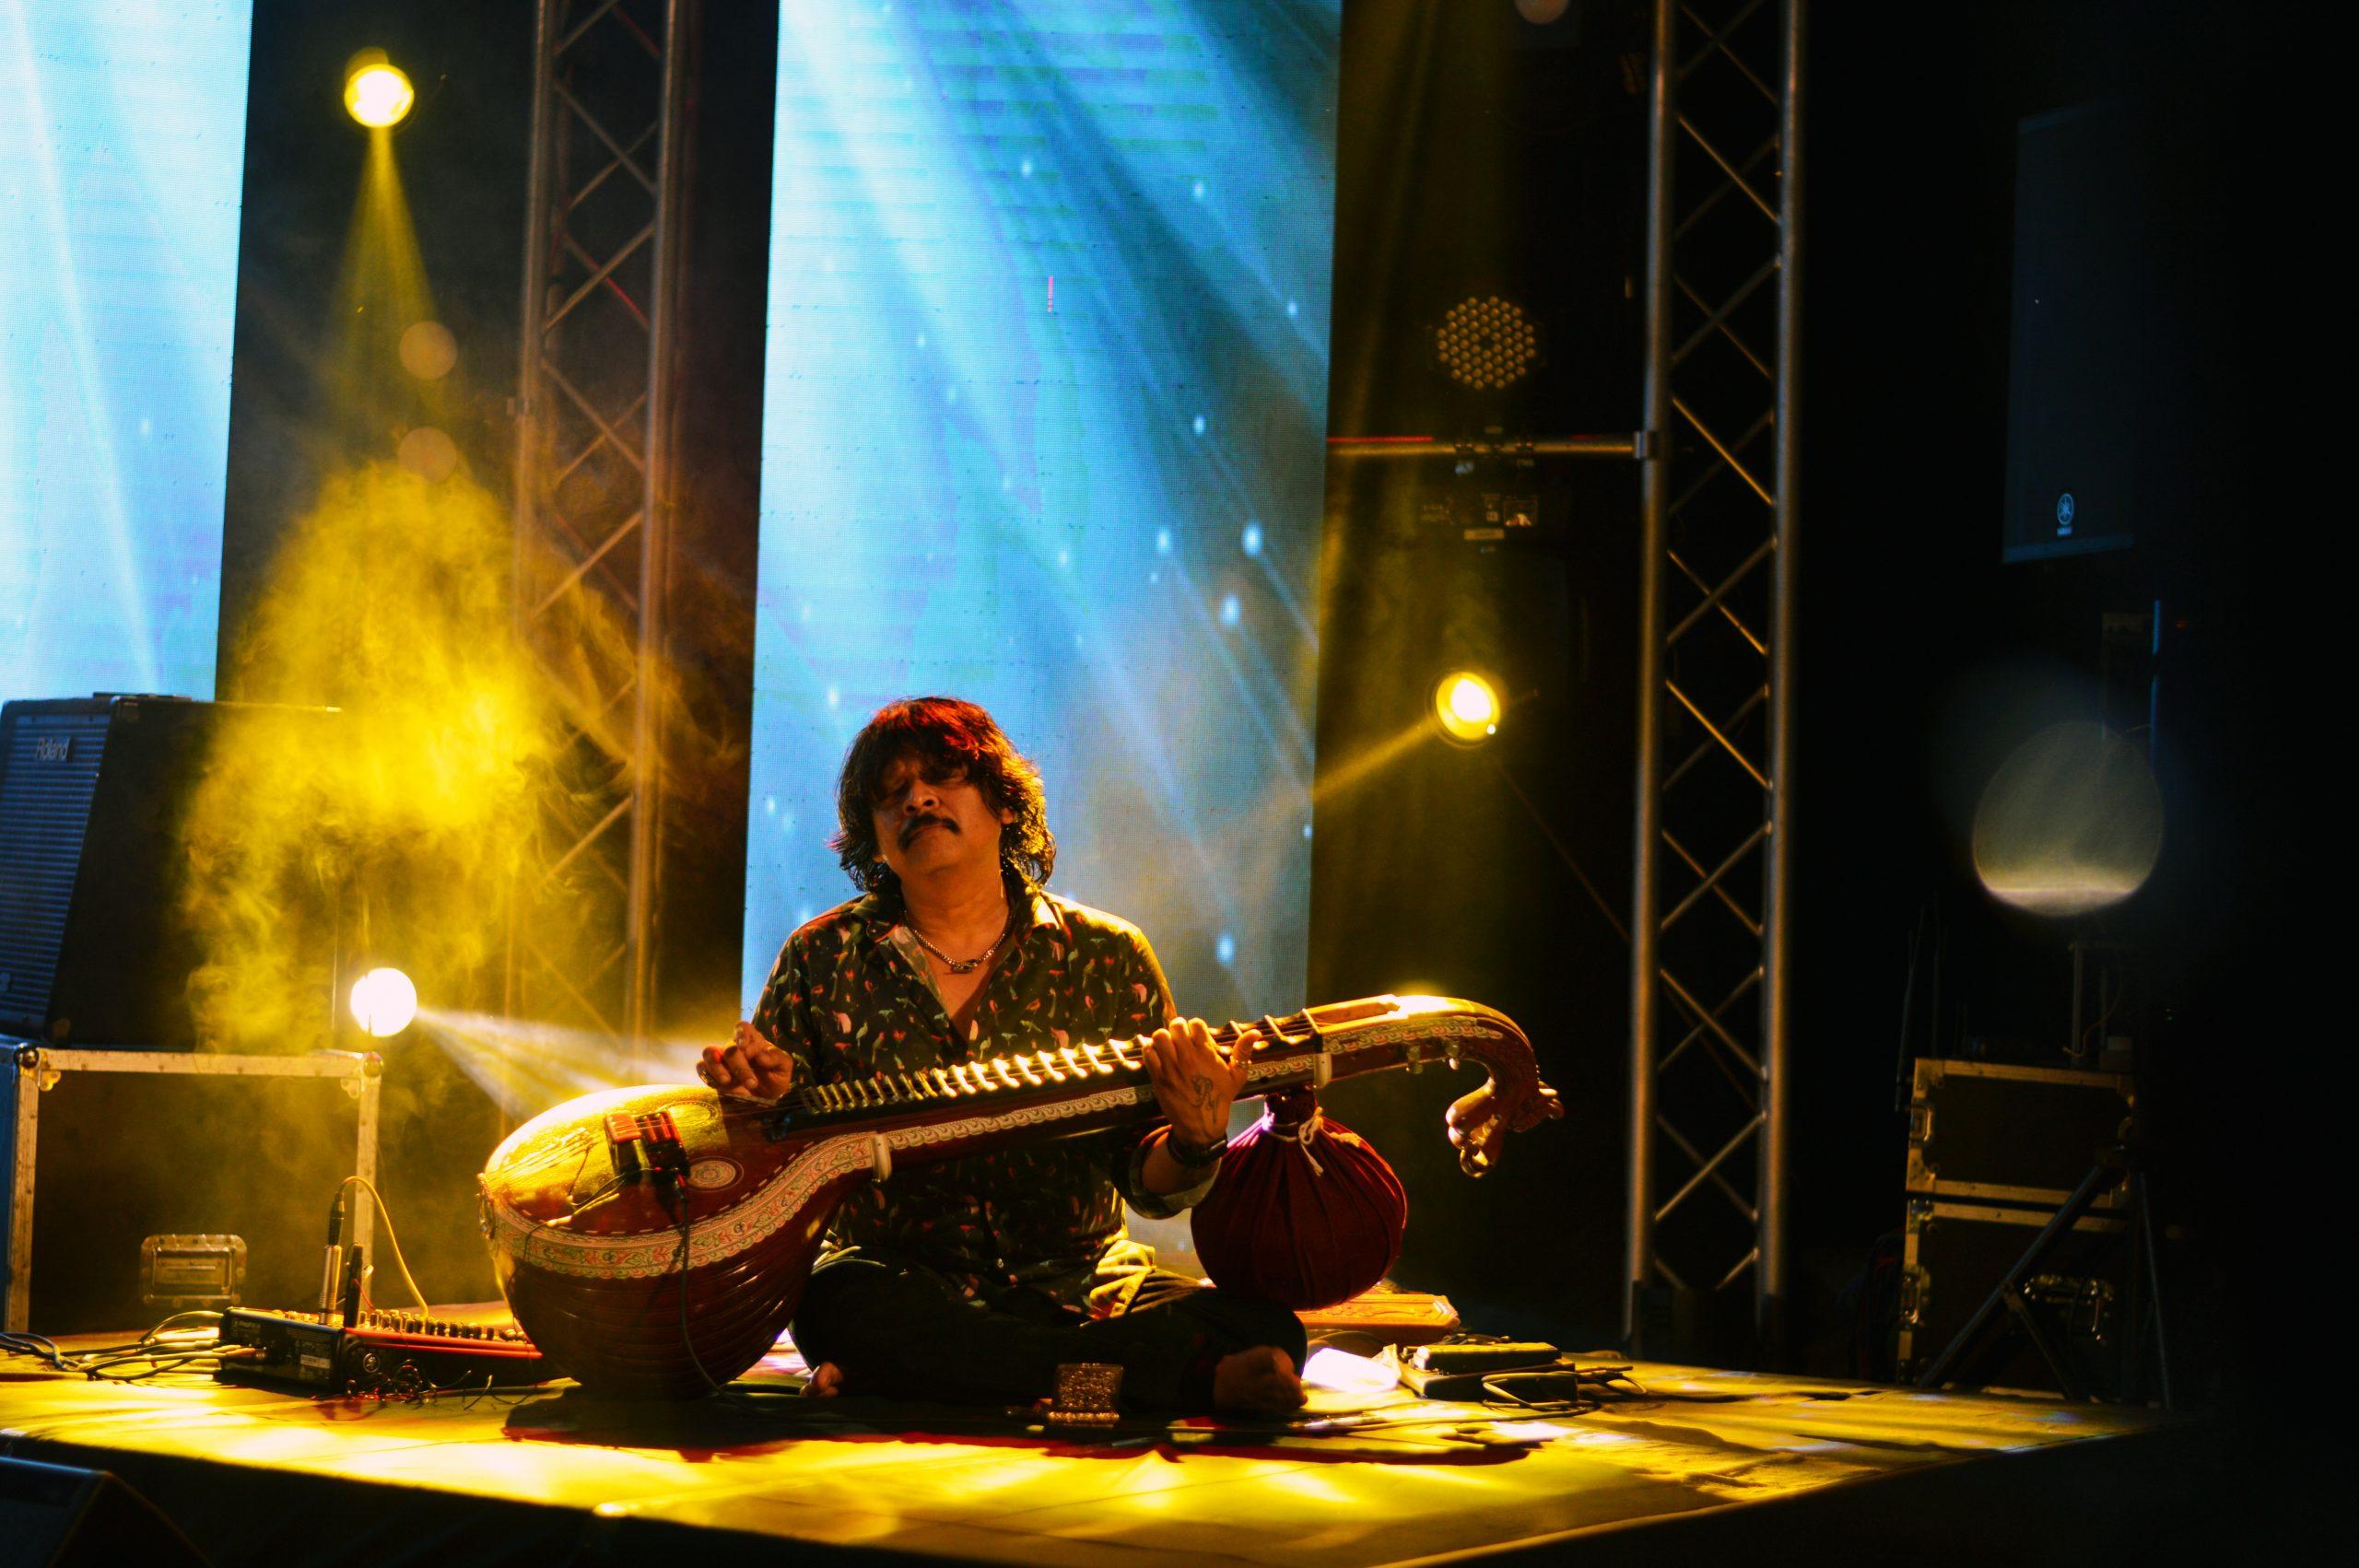 A music artist